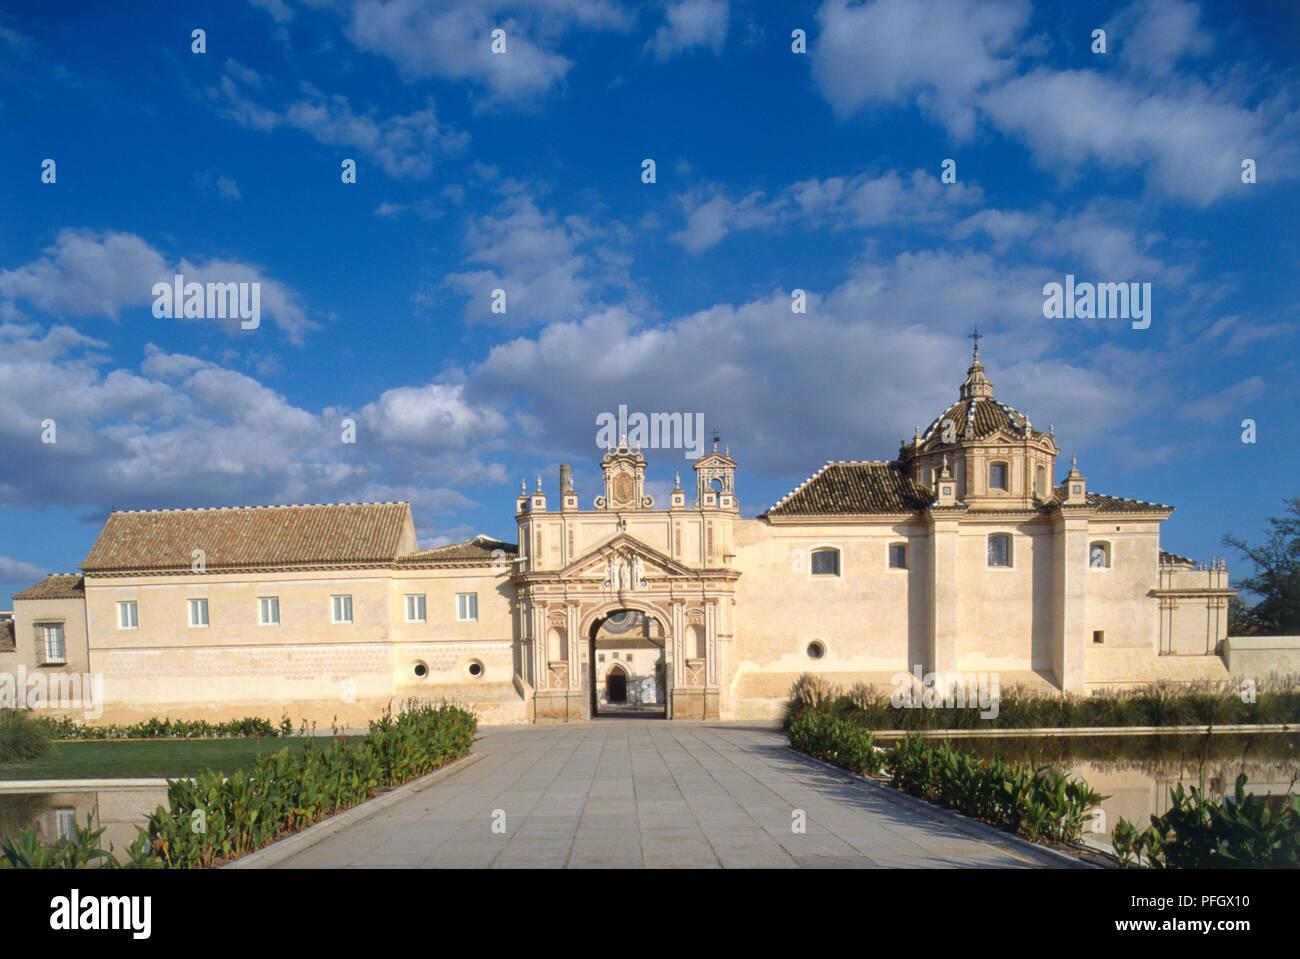 Spain, Seville, facade of the fifteenth century monastery, Carthusian Monasterio de Santa Maria de Las Cuevas. - Stock Image